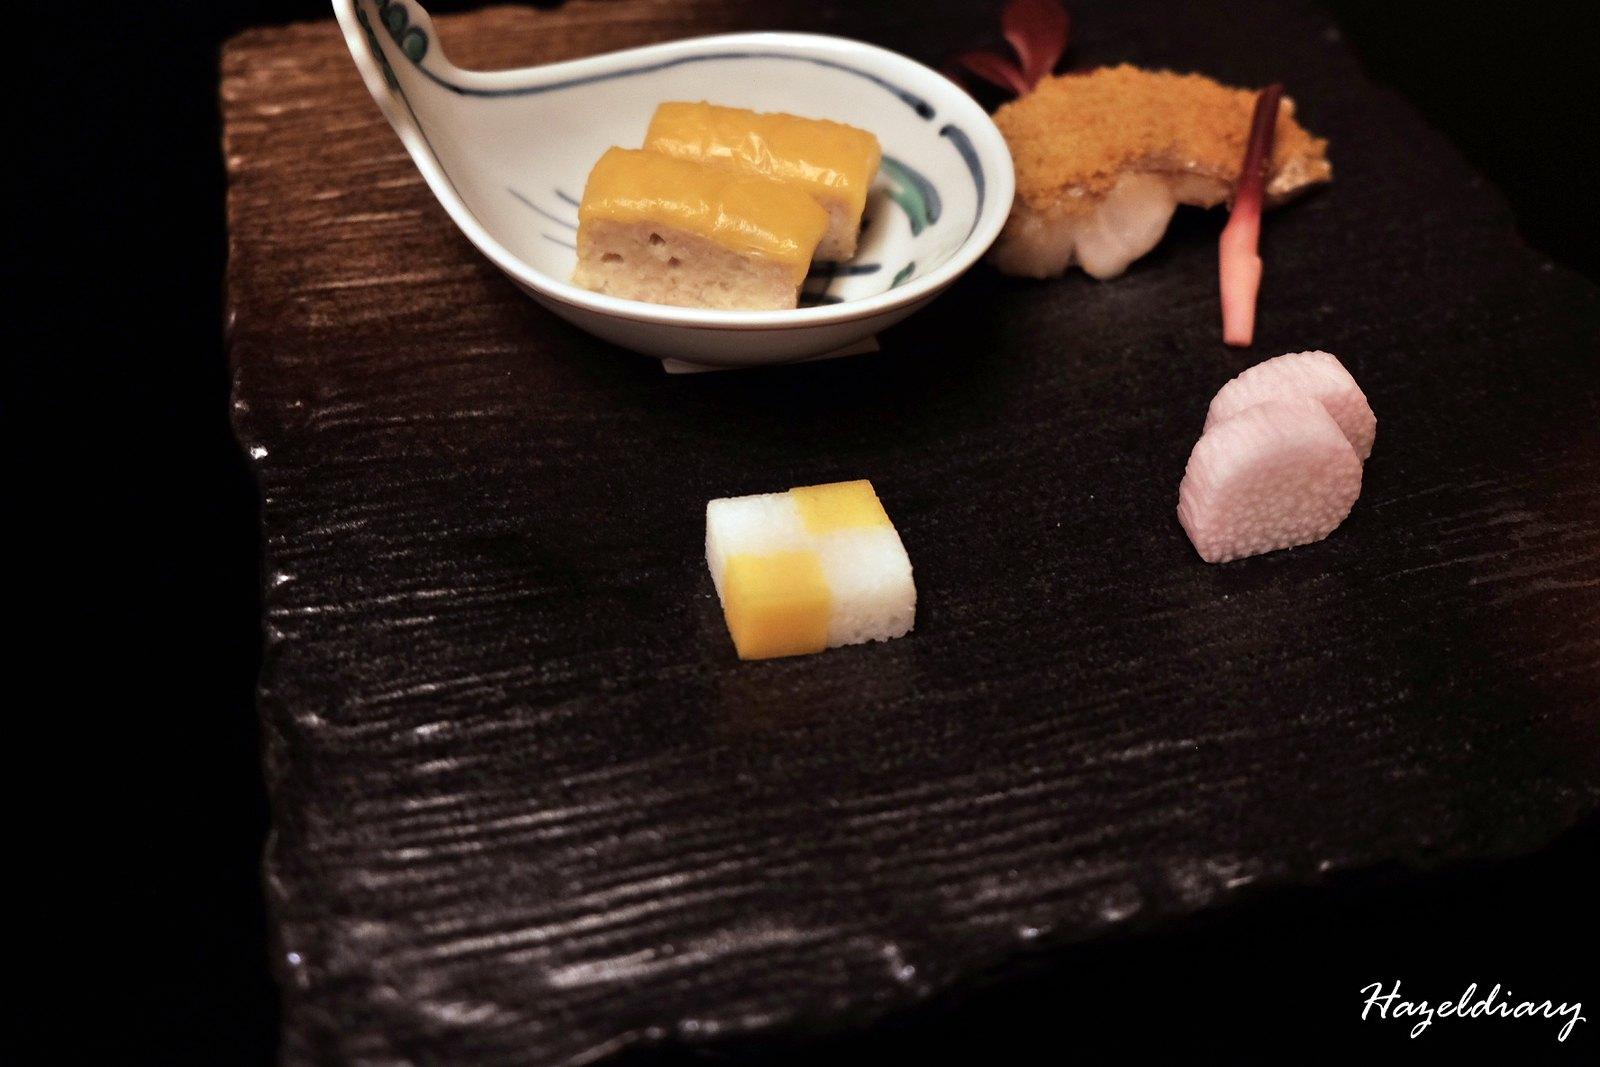 kaiseki soujuan keio plaza hotel tokyo-chicken, egg, fish